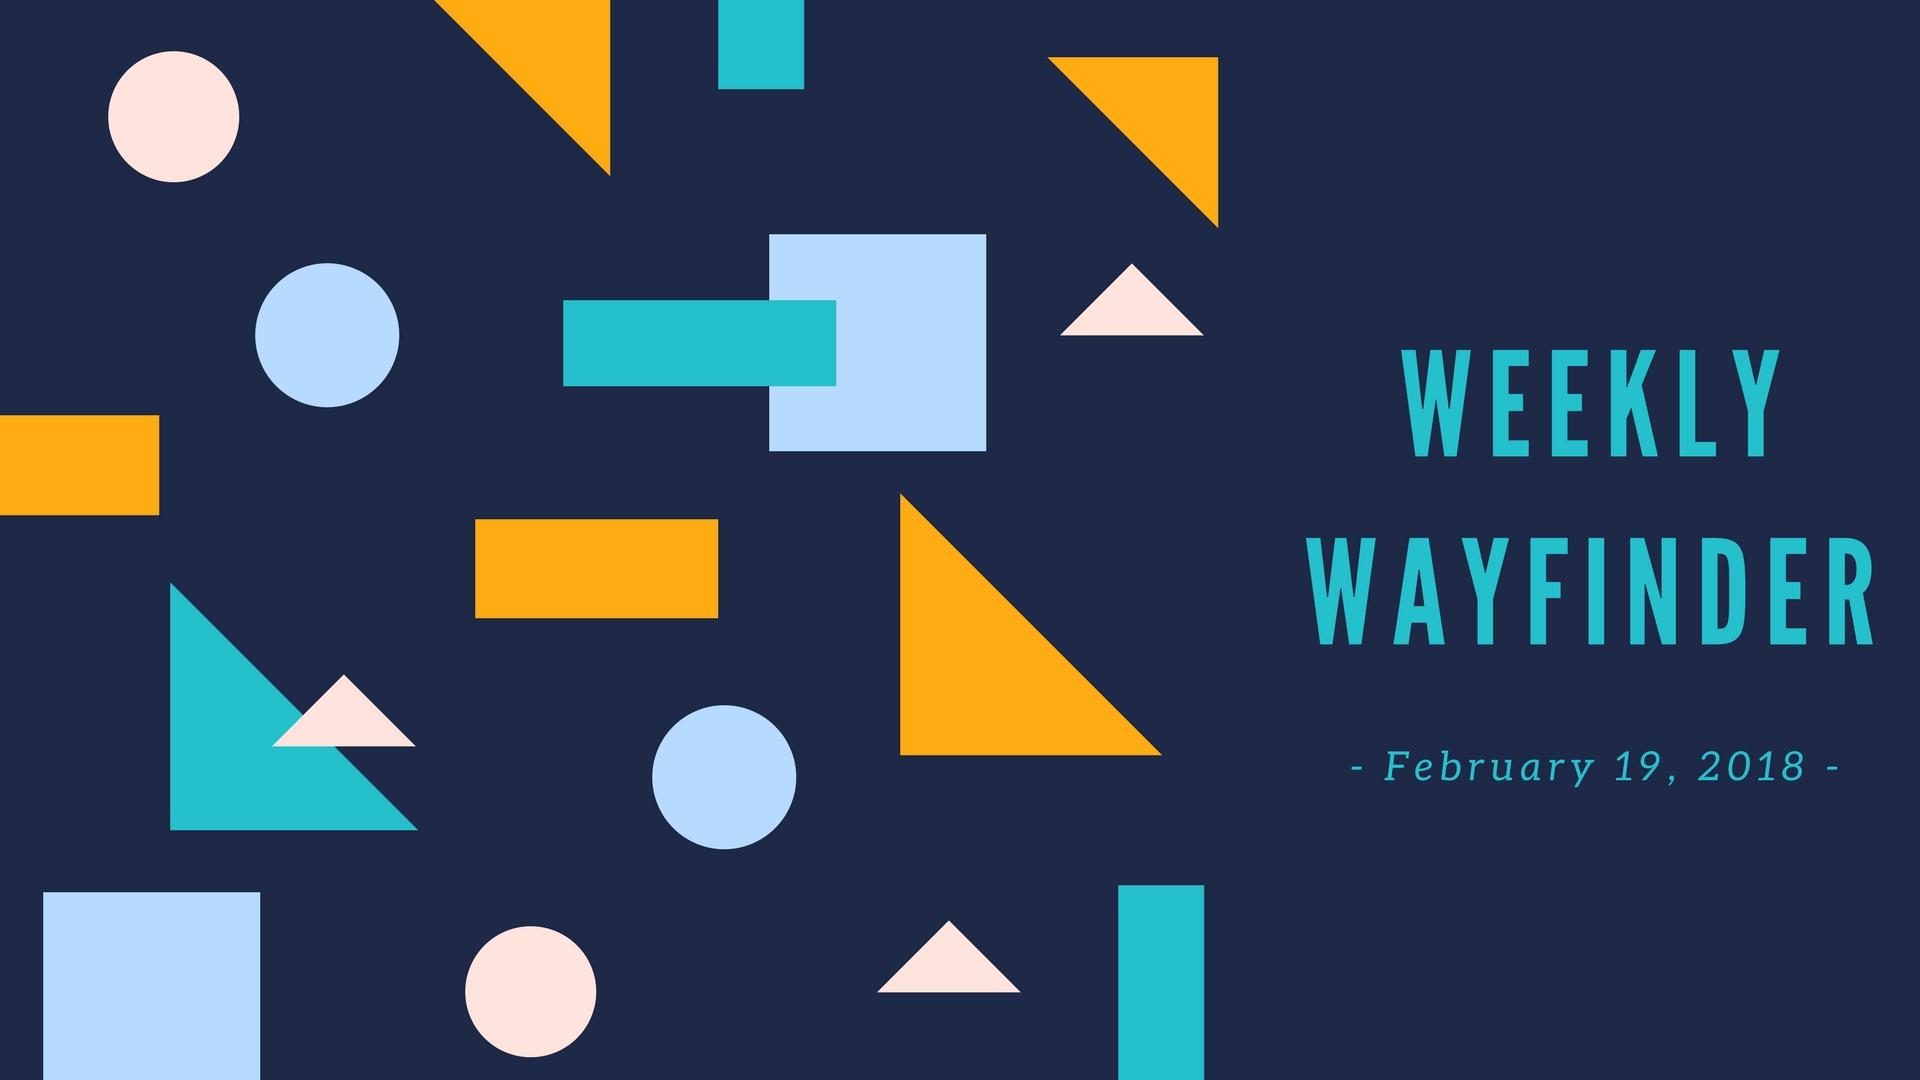 weekly wayfinder (4).jpg